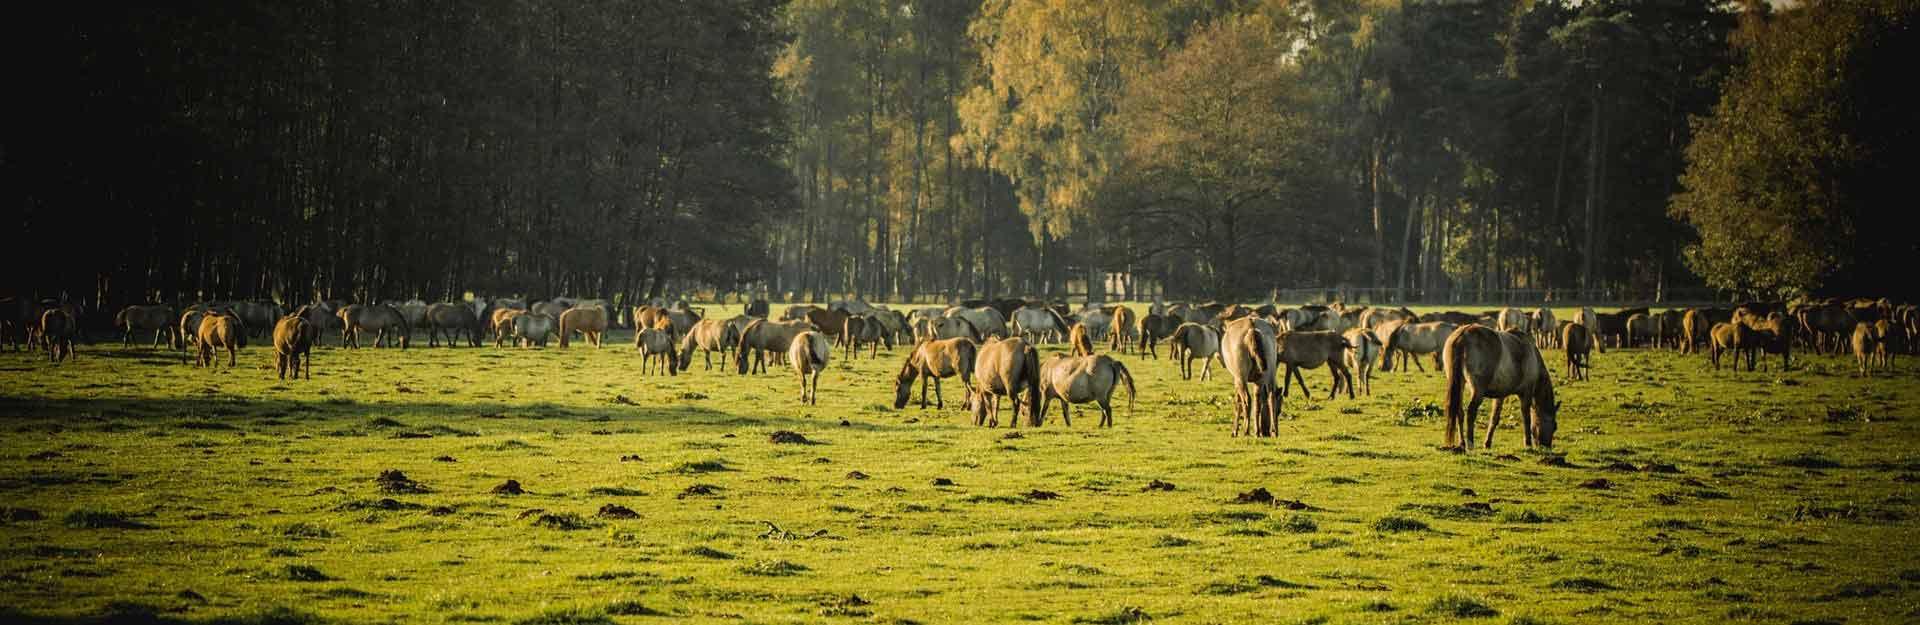 Bij Dülmen in Natuurpark Hohe Mark vind je een kudde wilde paarden.